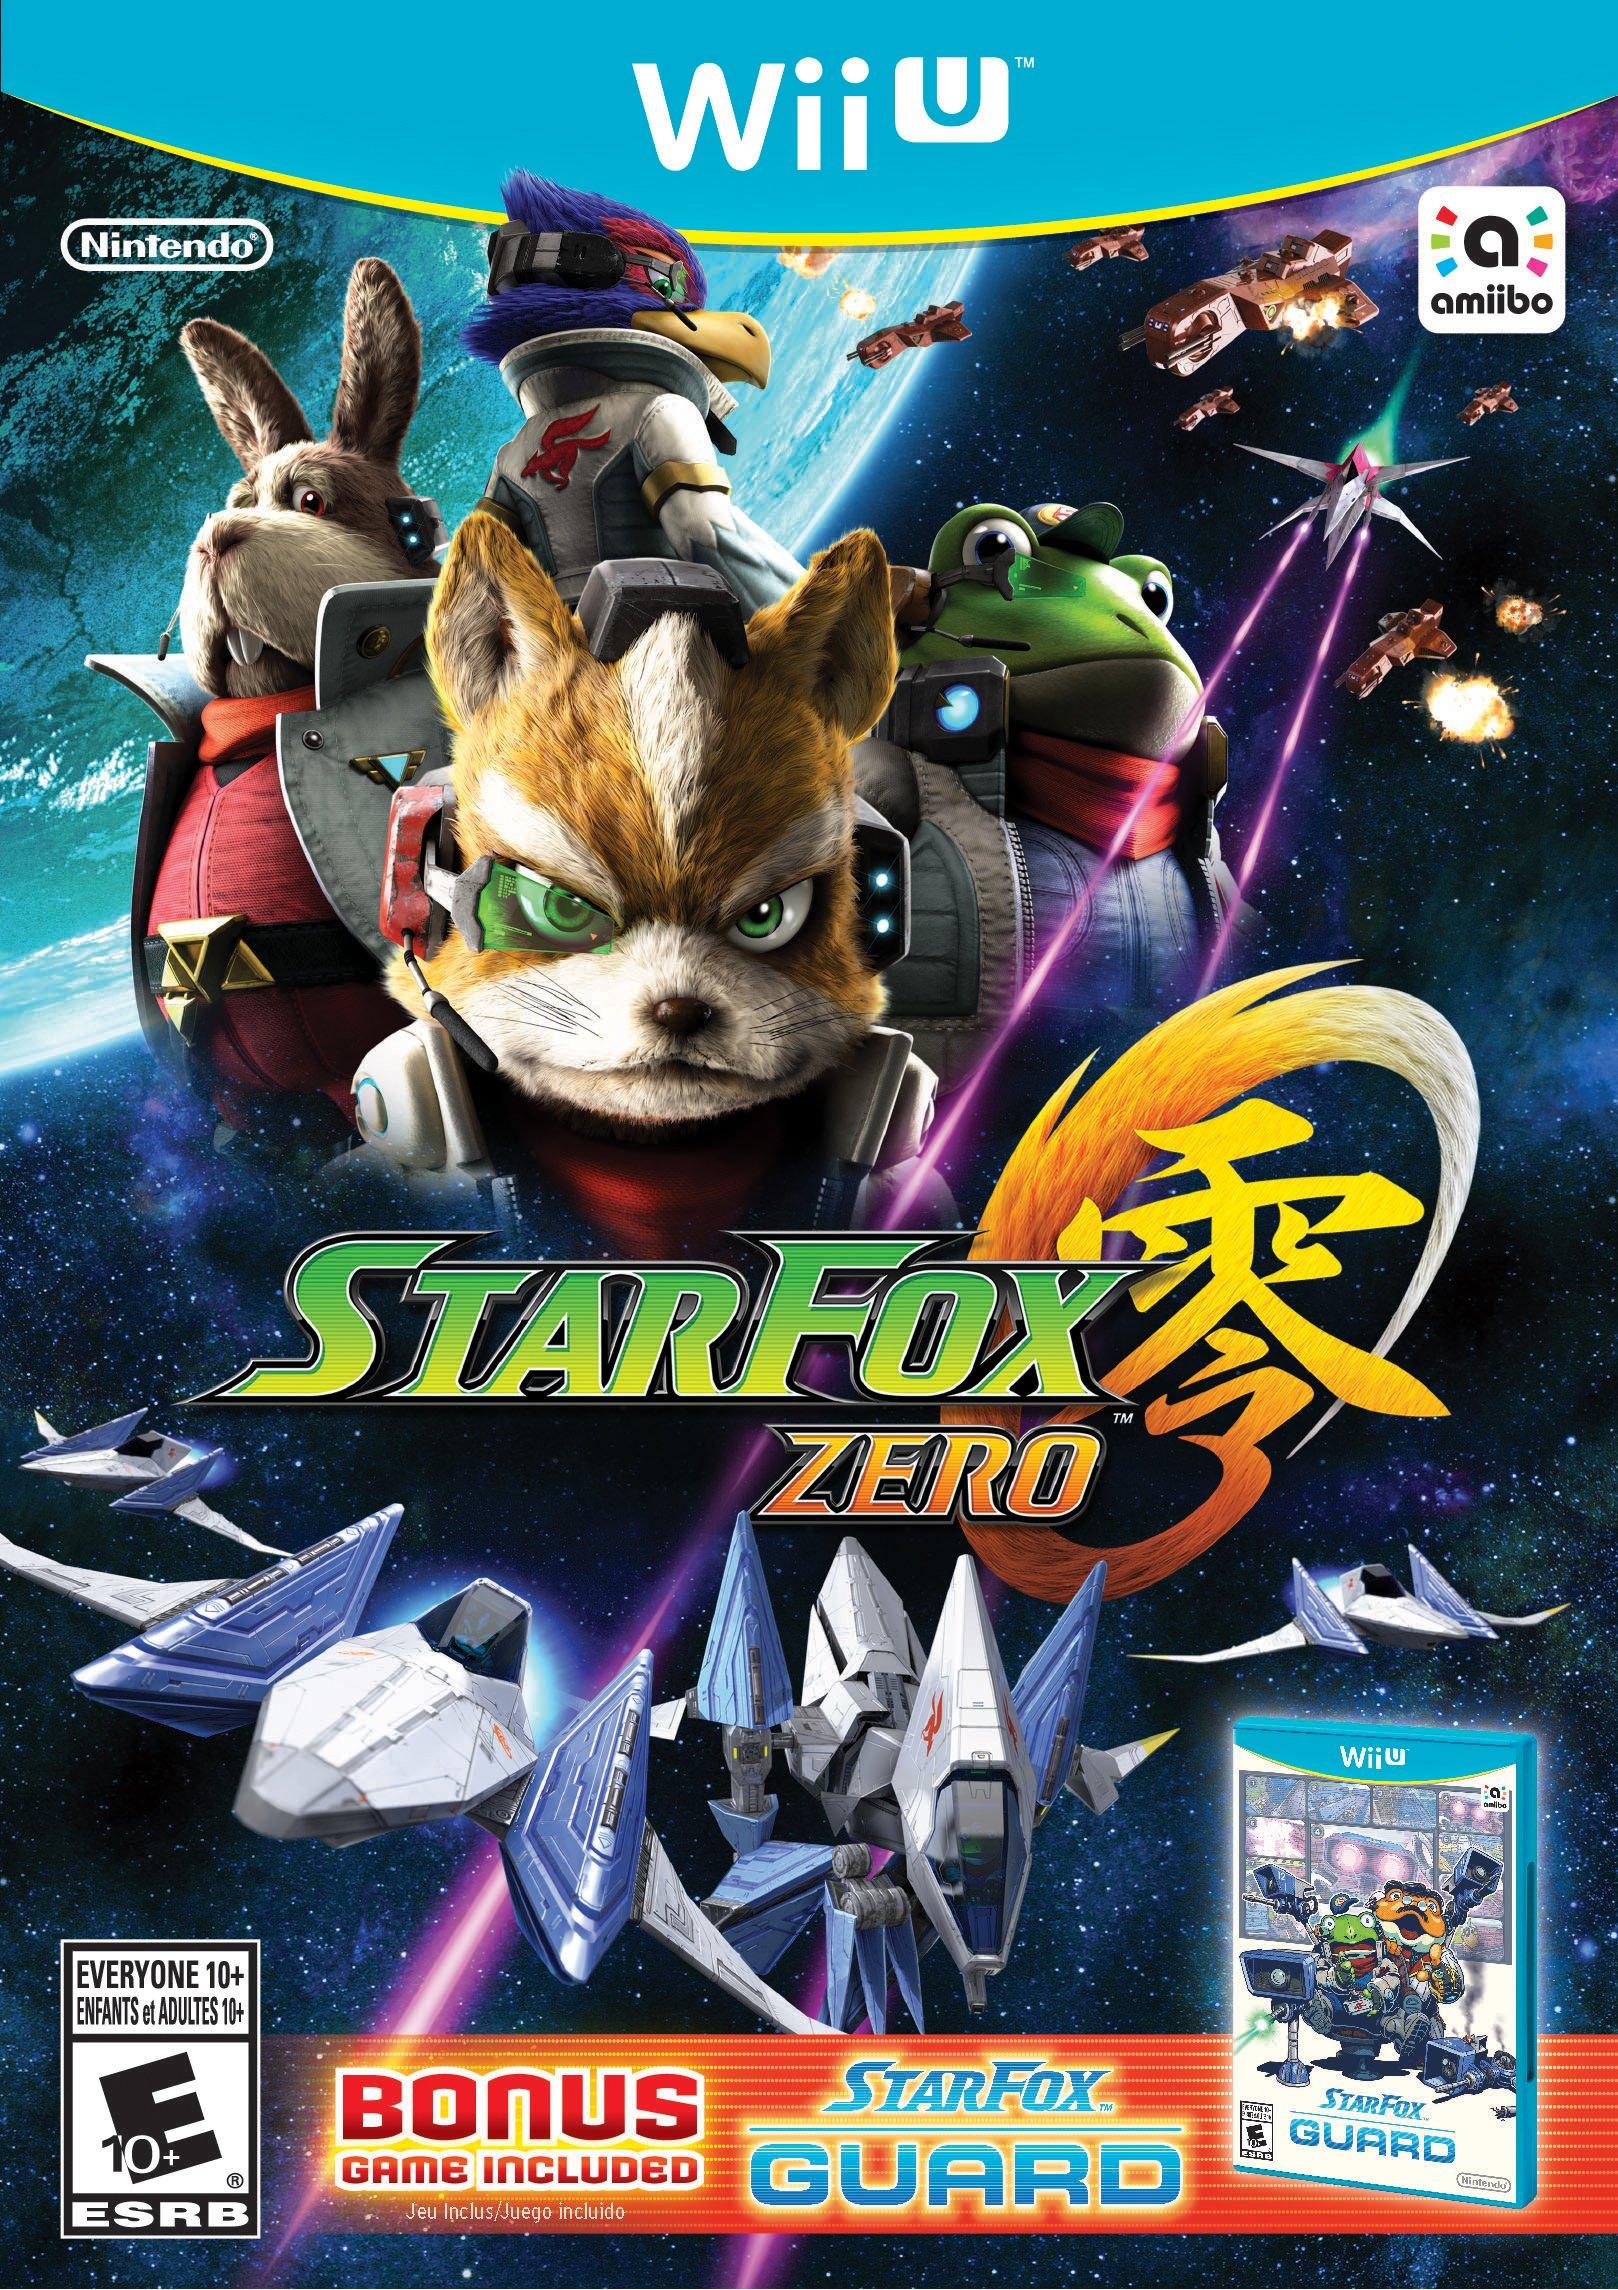 Star Fox Zero + Star Fox Guard - Wii U [Digital Code]